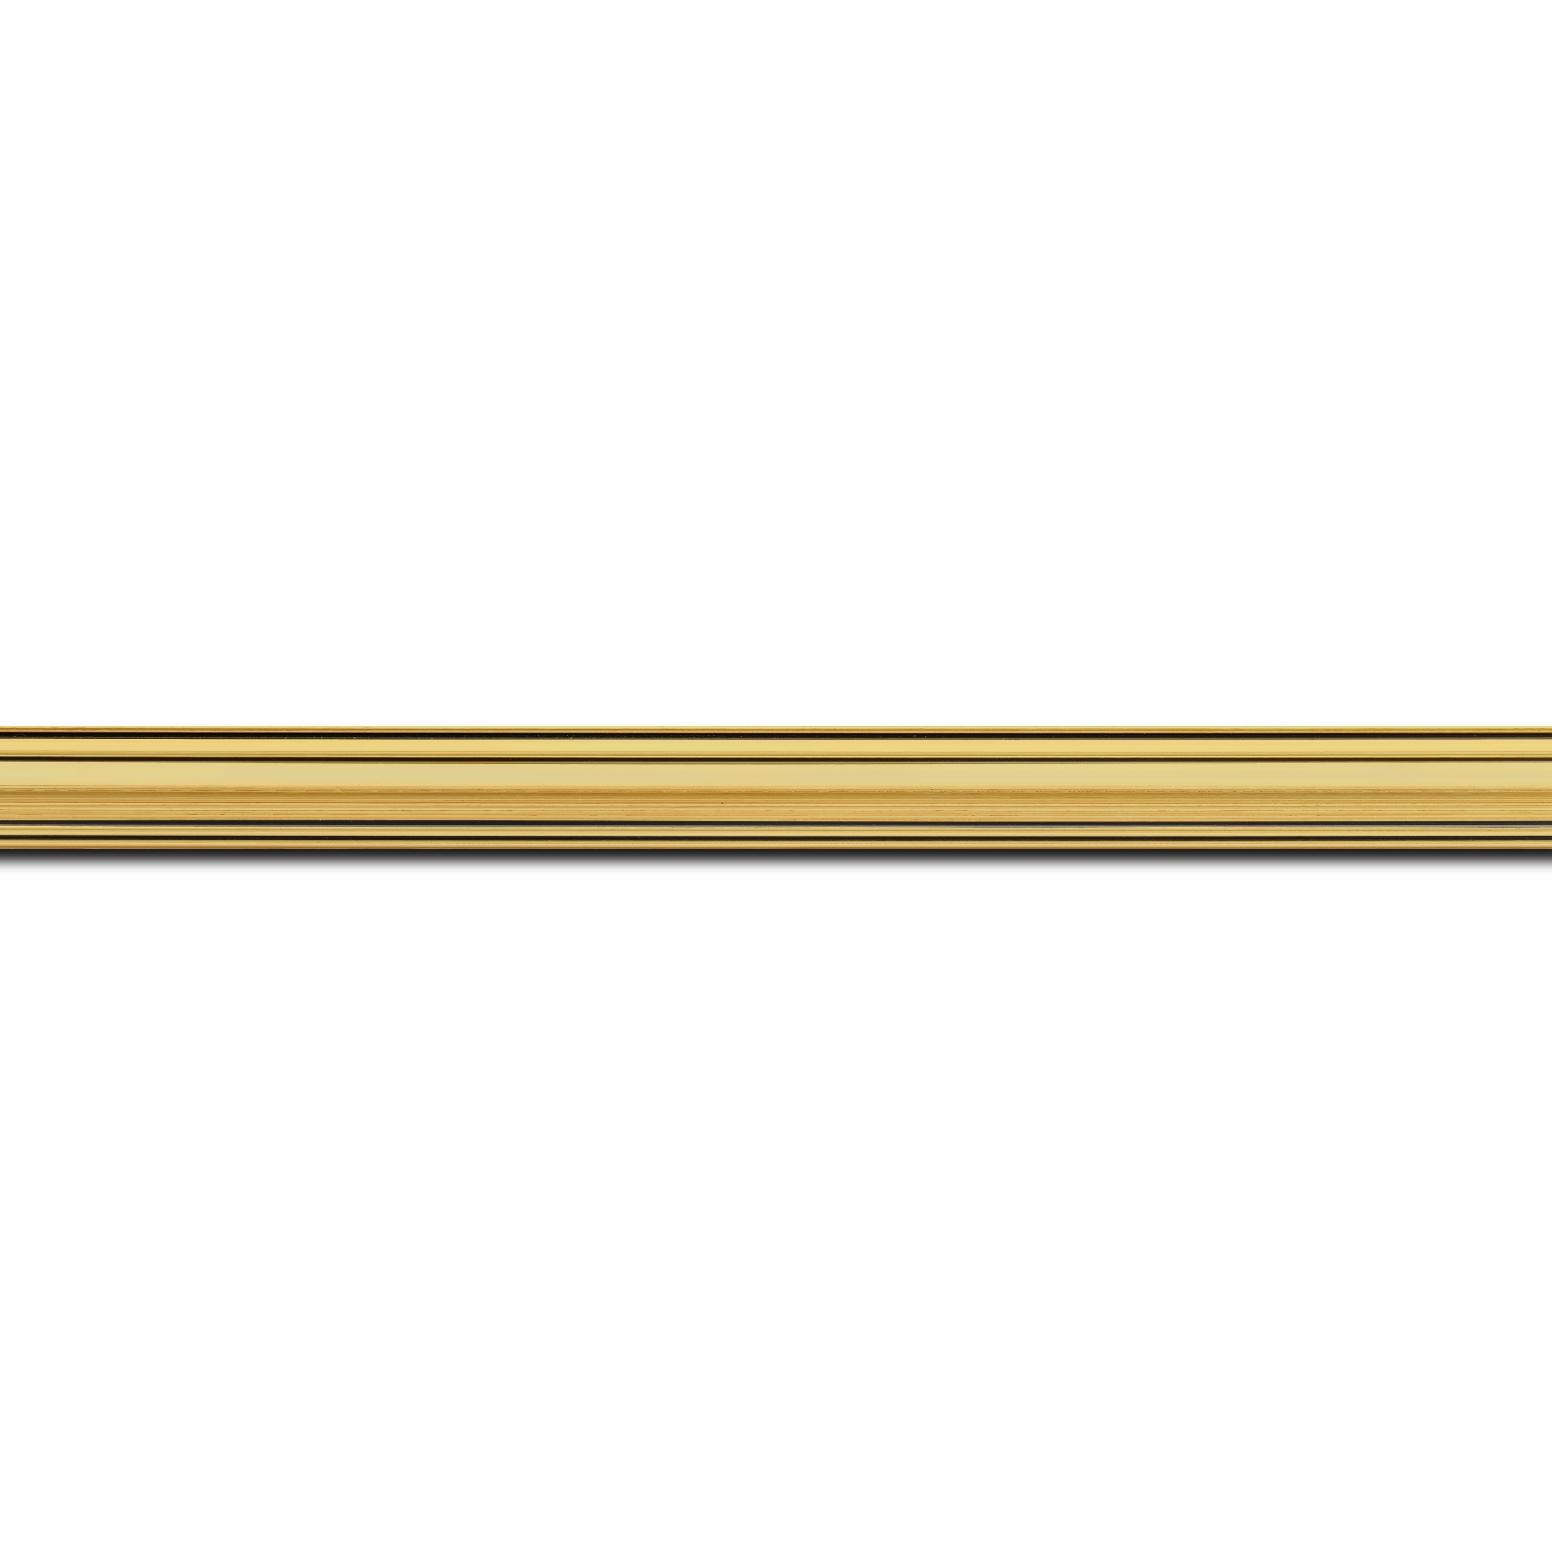 Pack par 12m, bois profil bombé largeur 5cm couleur or filet noir (longueur baguette pouvant varier entre 2.40m et 3m selon arrivage des bois)